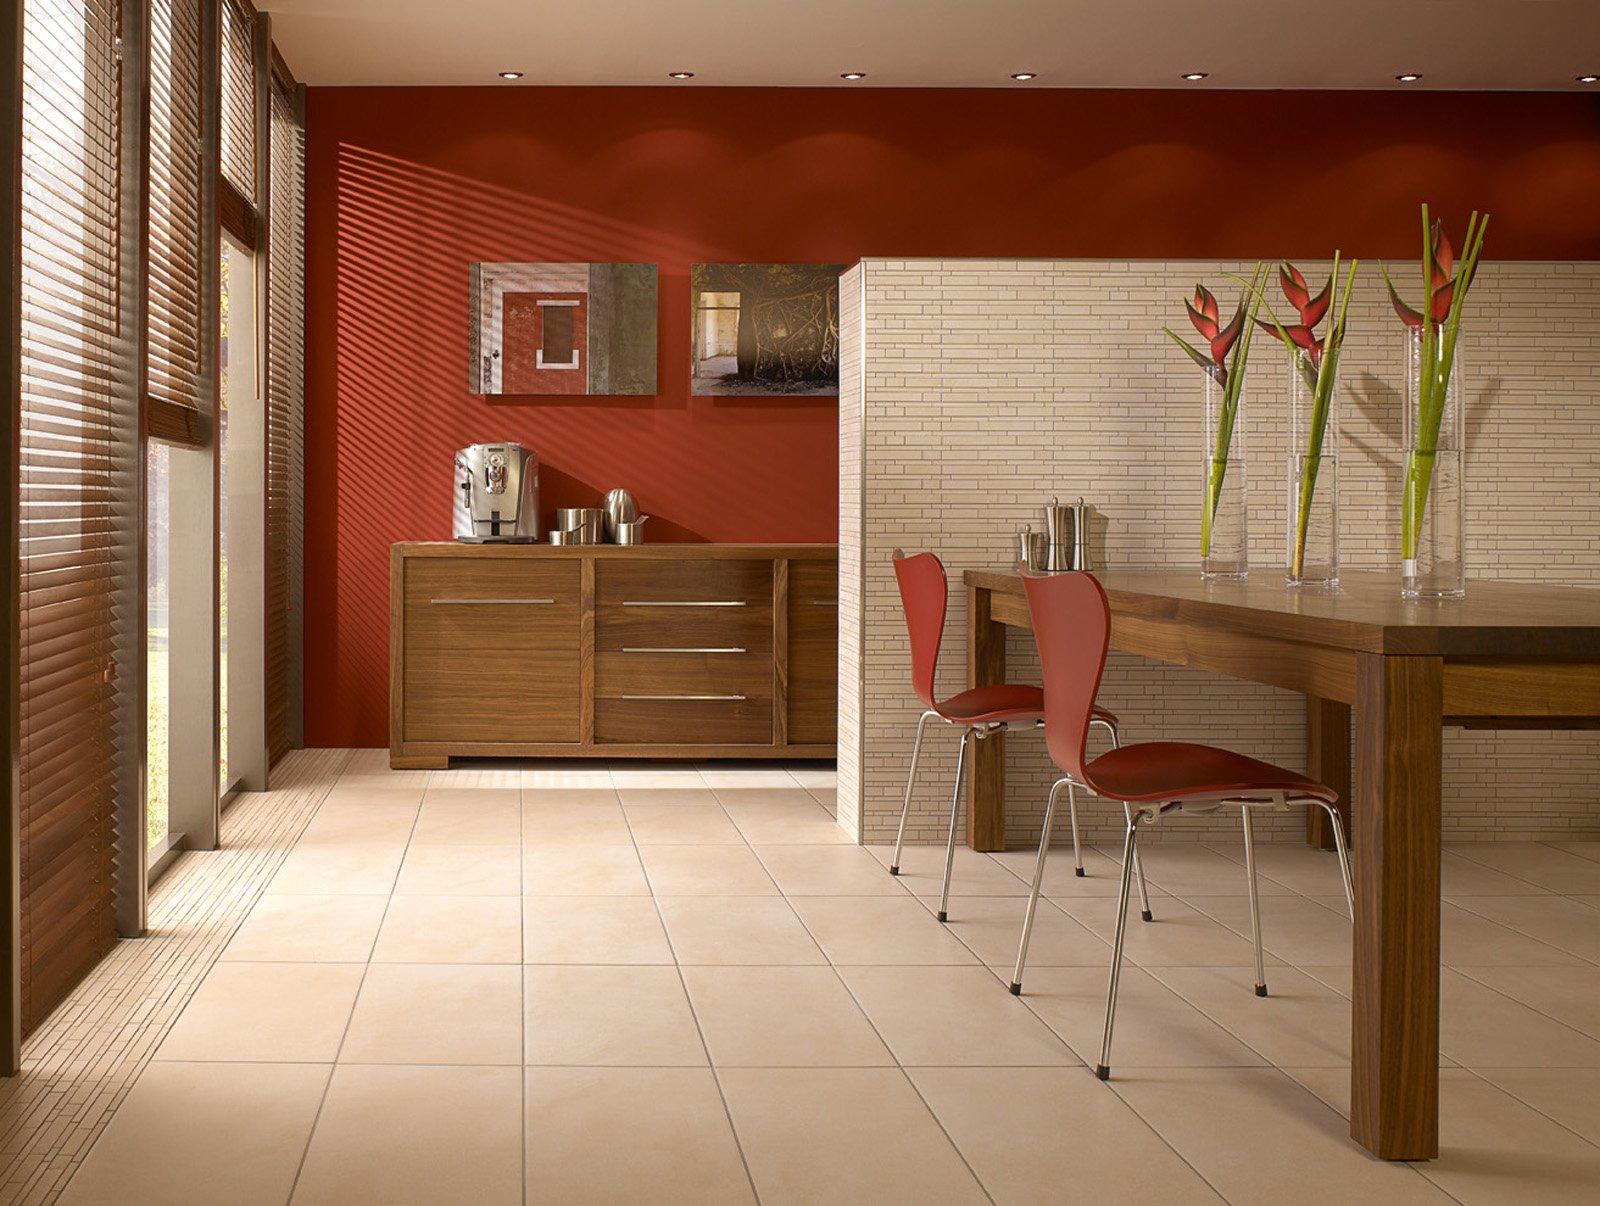 Piastrelle per il pavimento della cucina cose di casa - Posa piastrelle cucina ...